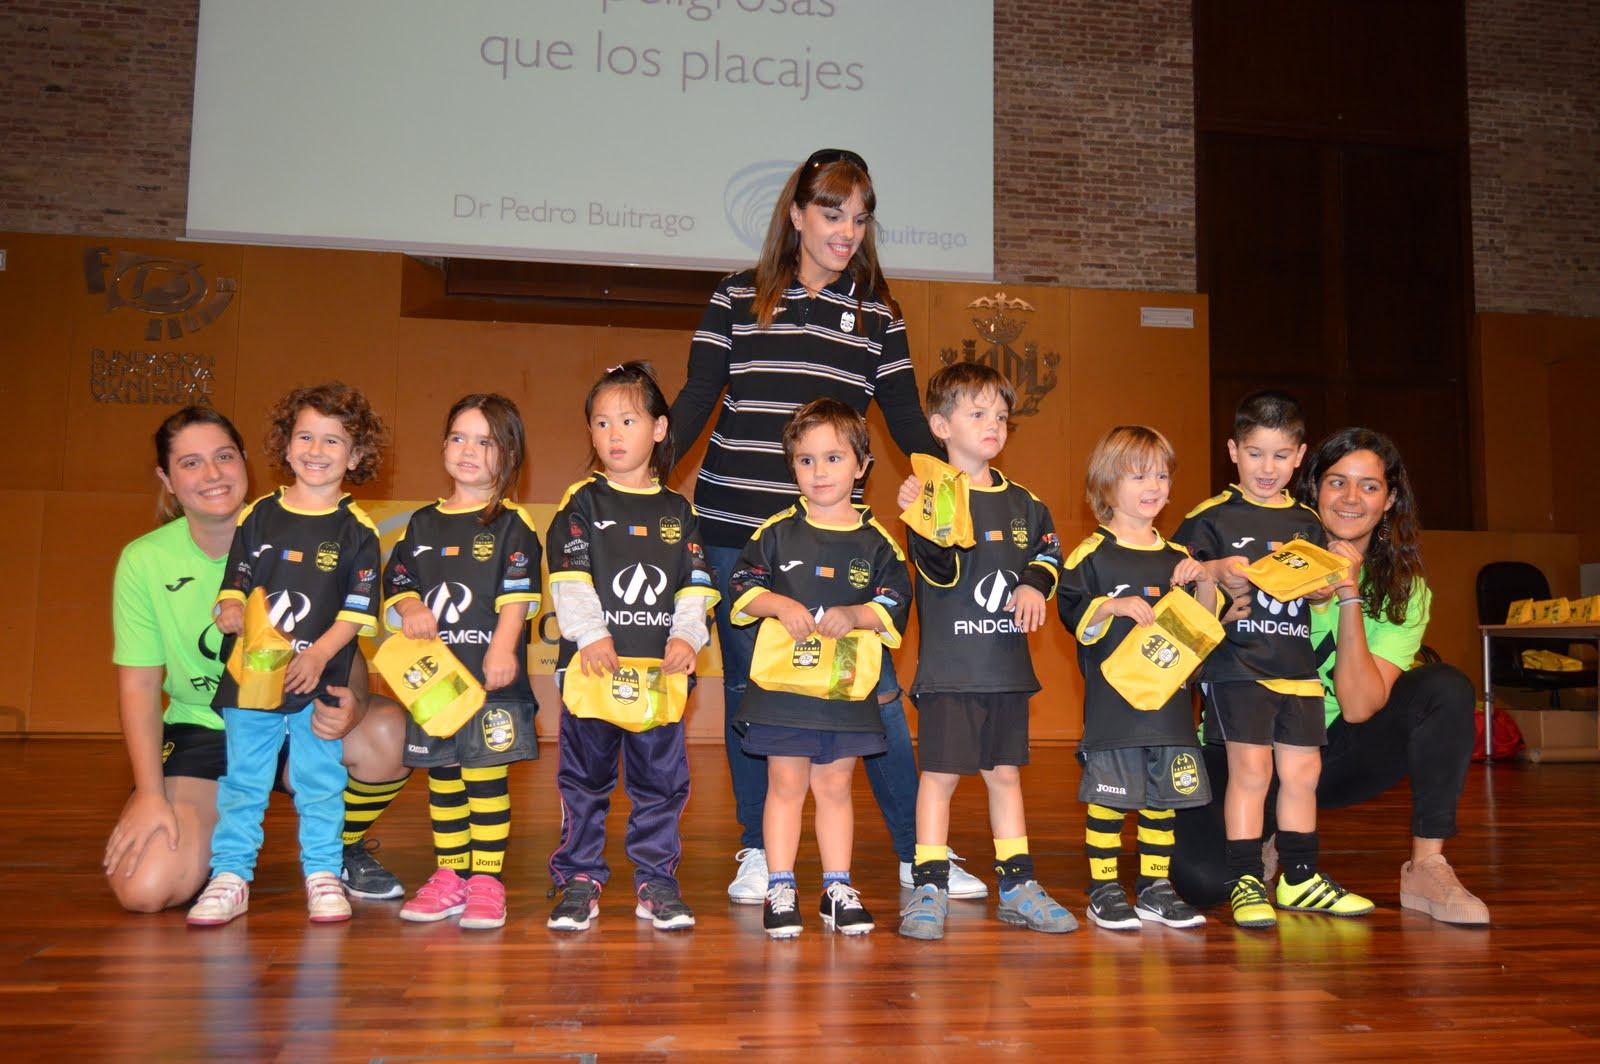 CATEGORÍAS DE ANDEMEN TATAMI RUGBY CLUB